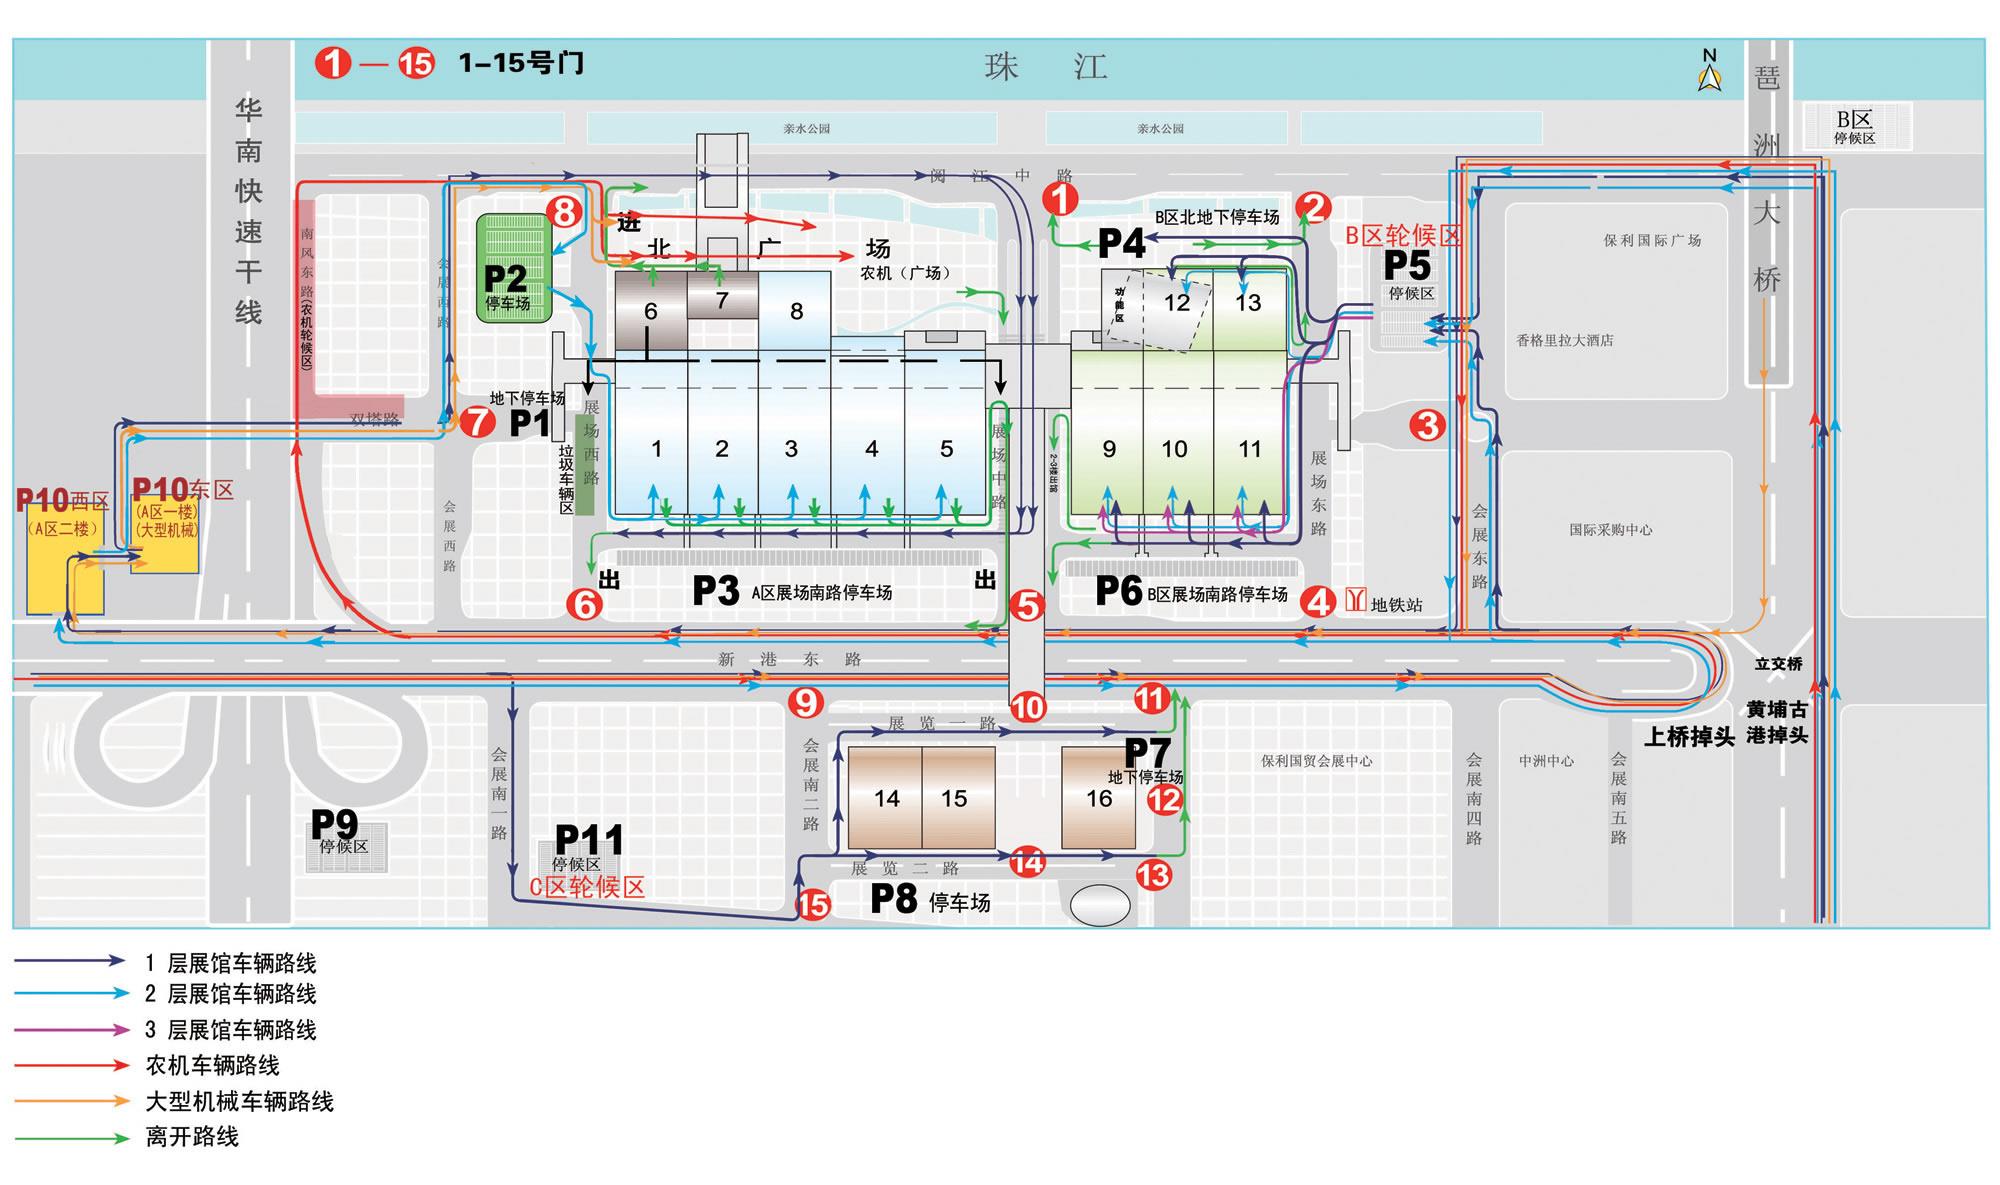 中国进出口商品交易会展馆 广交会琶洲展馆